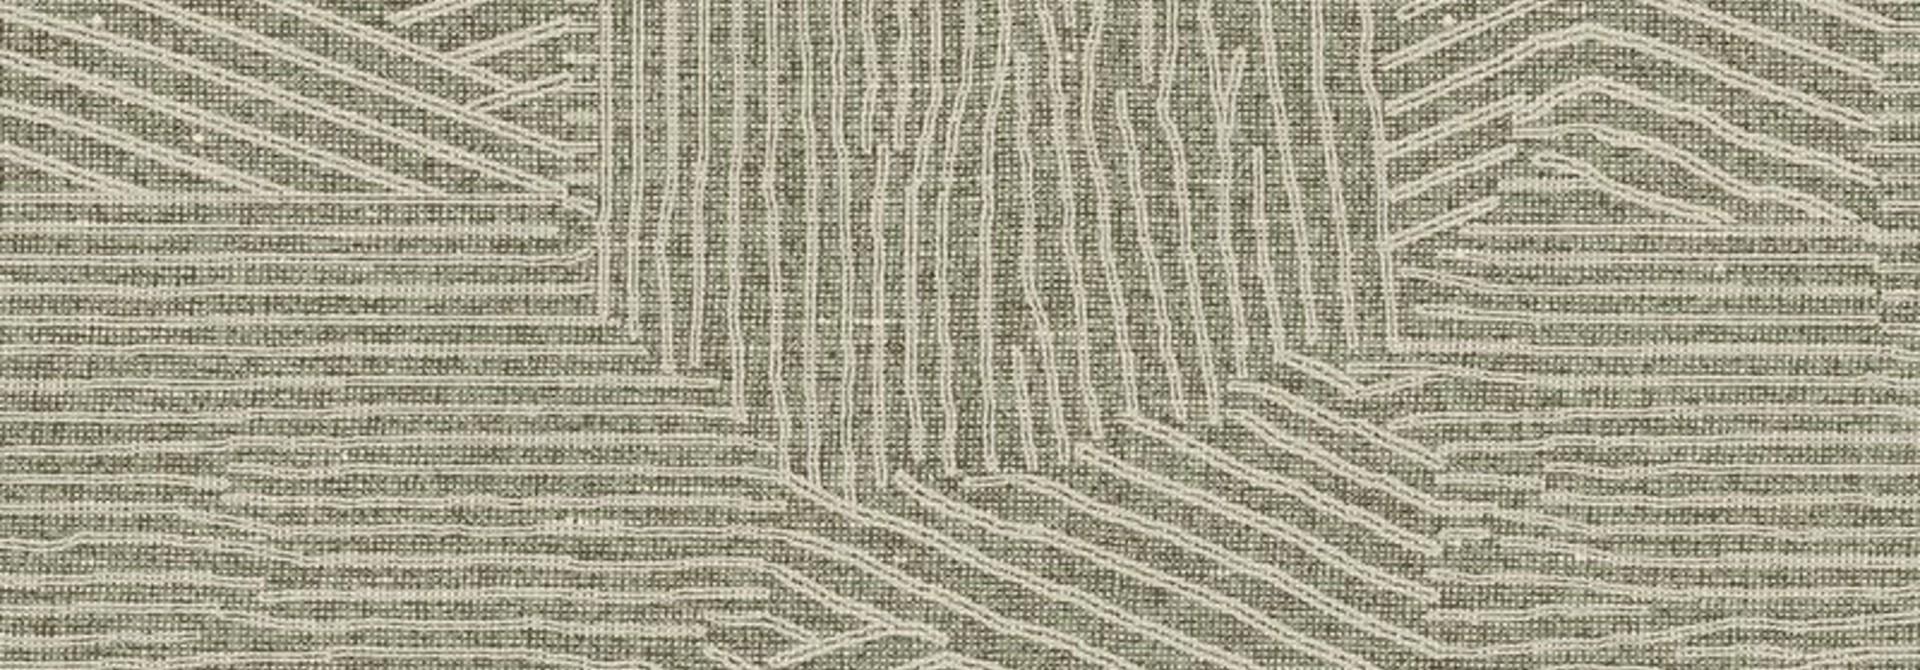 Behang 5022 Kiwi